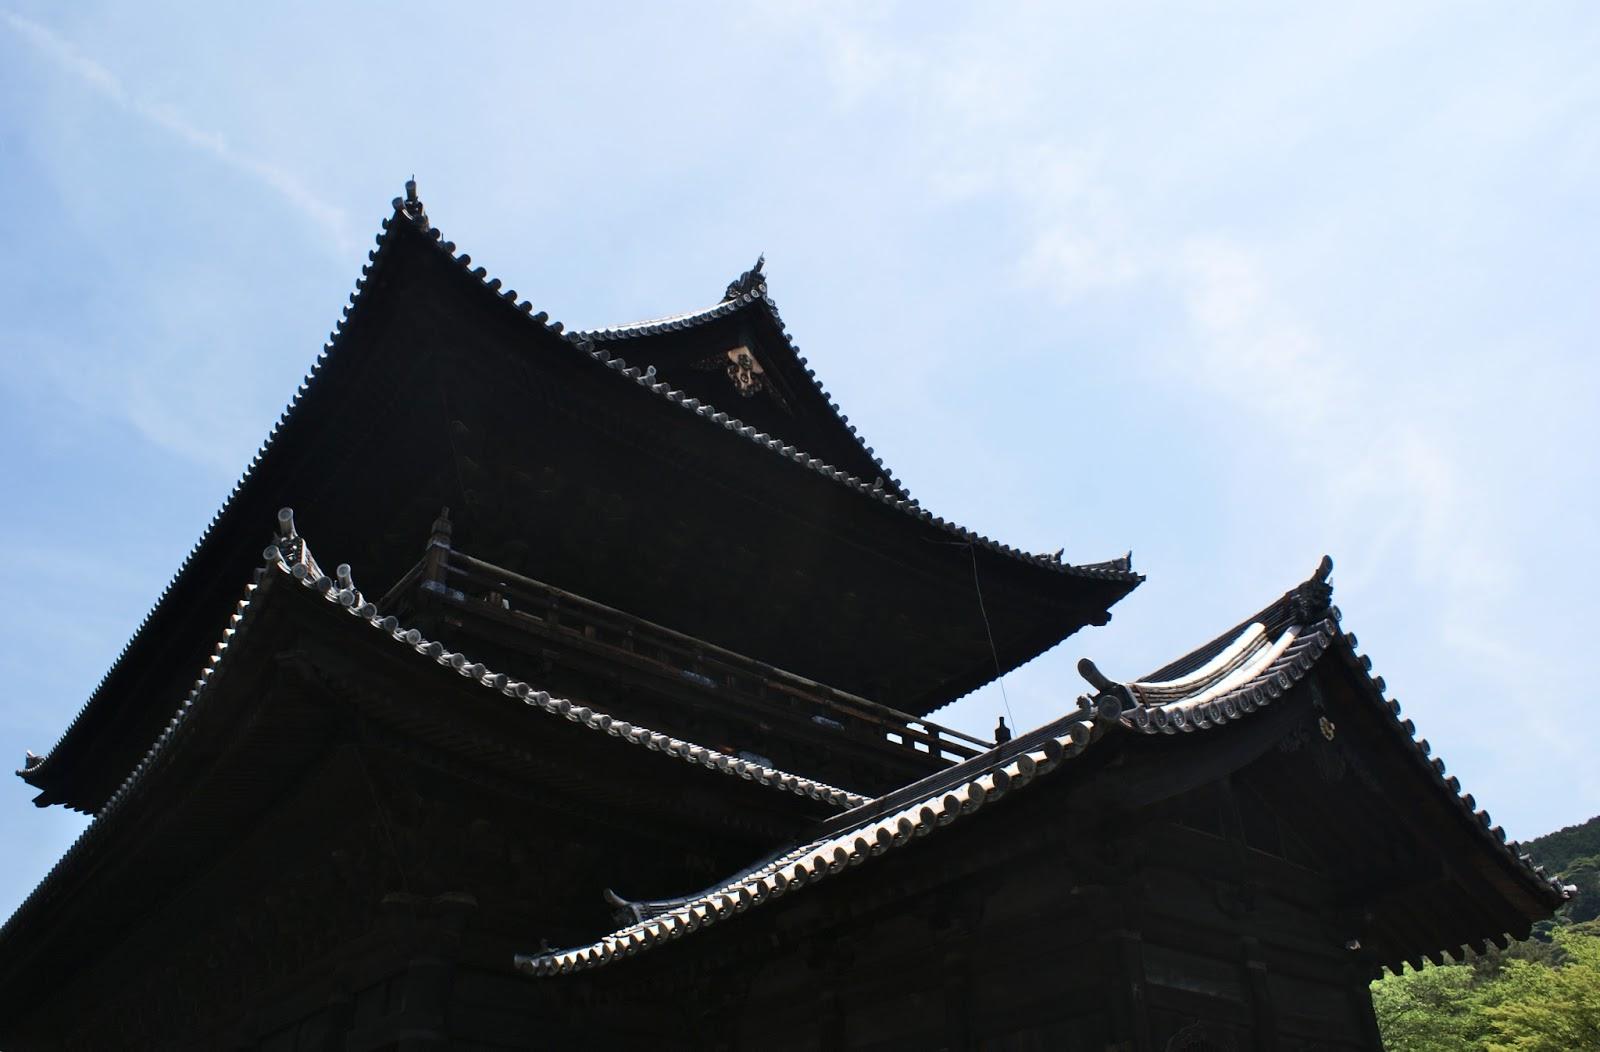 nanzen-ji san-mon buddhist temple kyoto japan